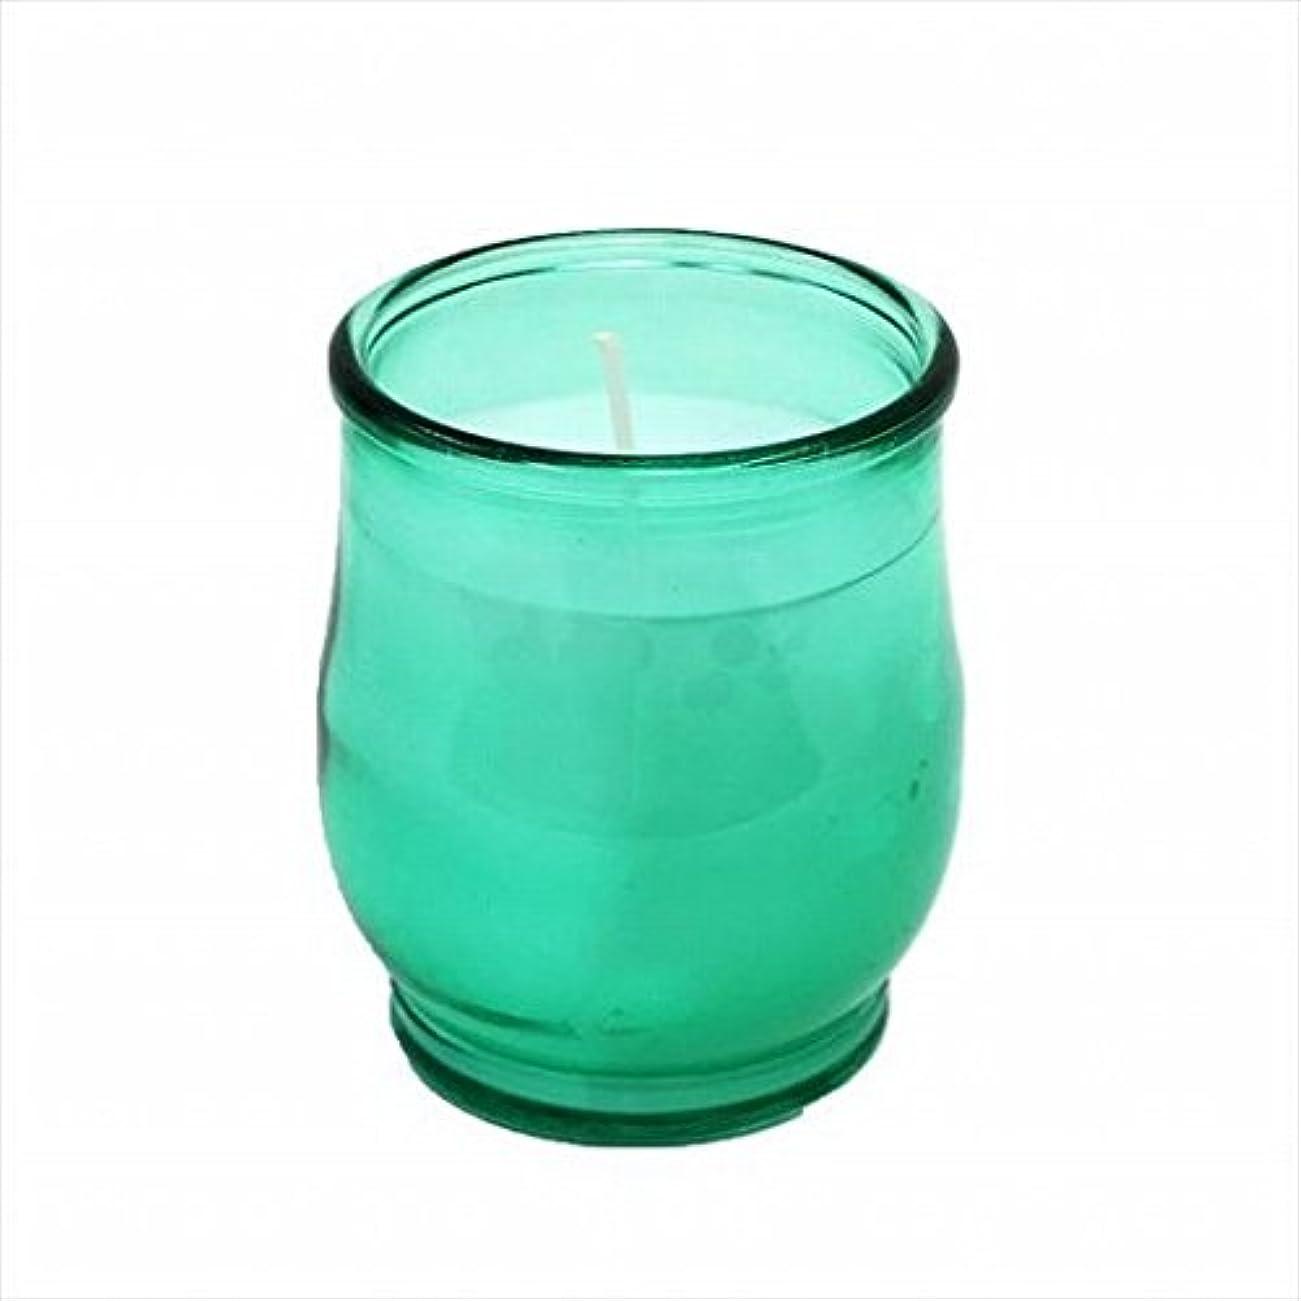 ヨーグルト対象ディレイkameyama candle(カメヤマキャンドル) ポシェ(非常用コップローソク) 「 グリーン(ライトカラー) 」 キャンドル 68x68x80mm (73020030G)